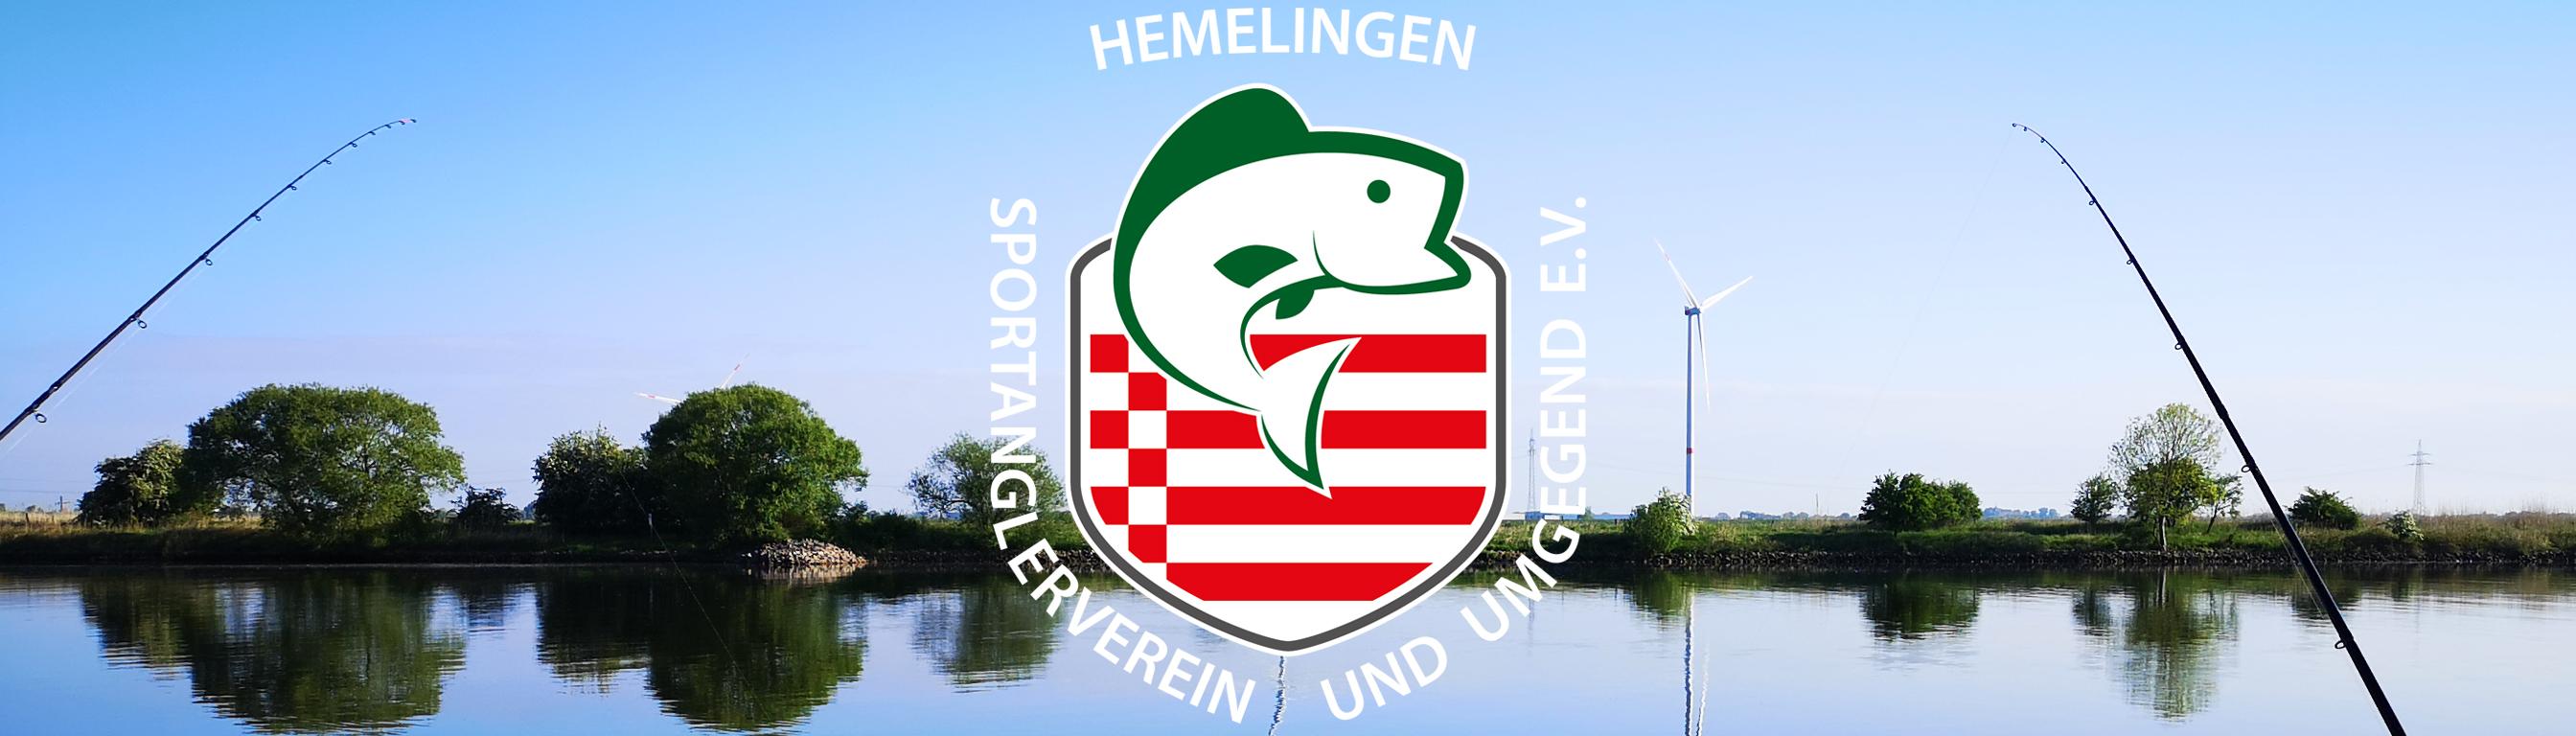 SAV-Hemelingen